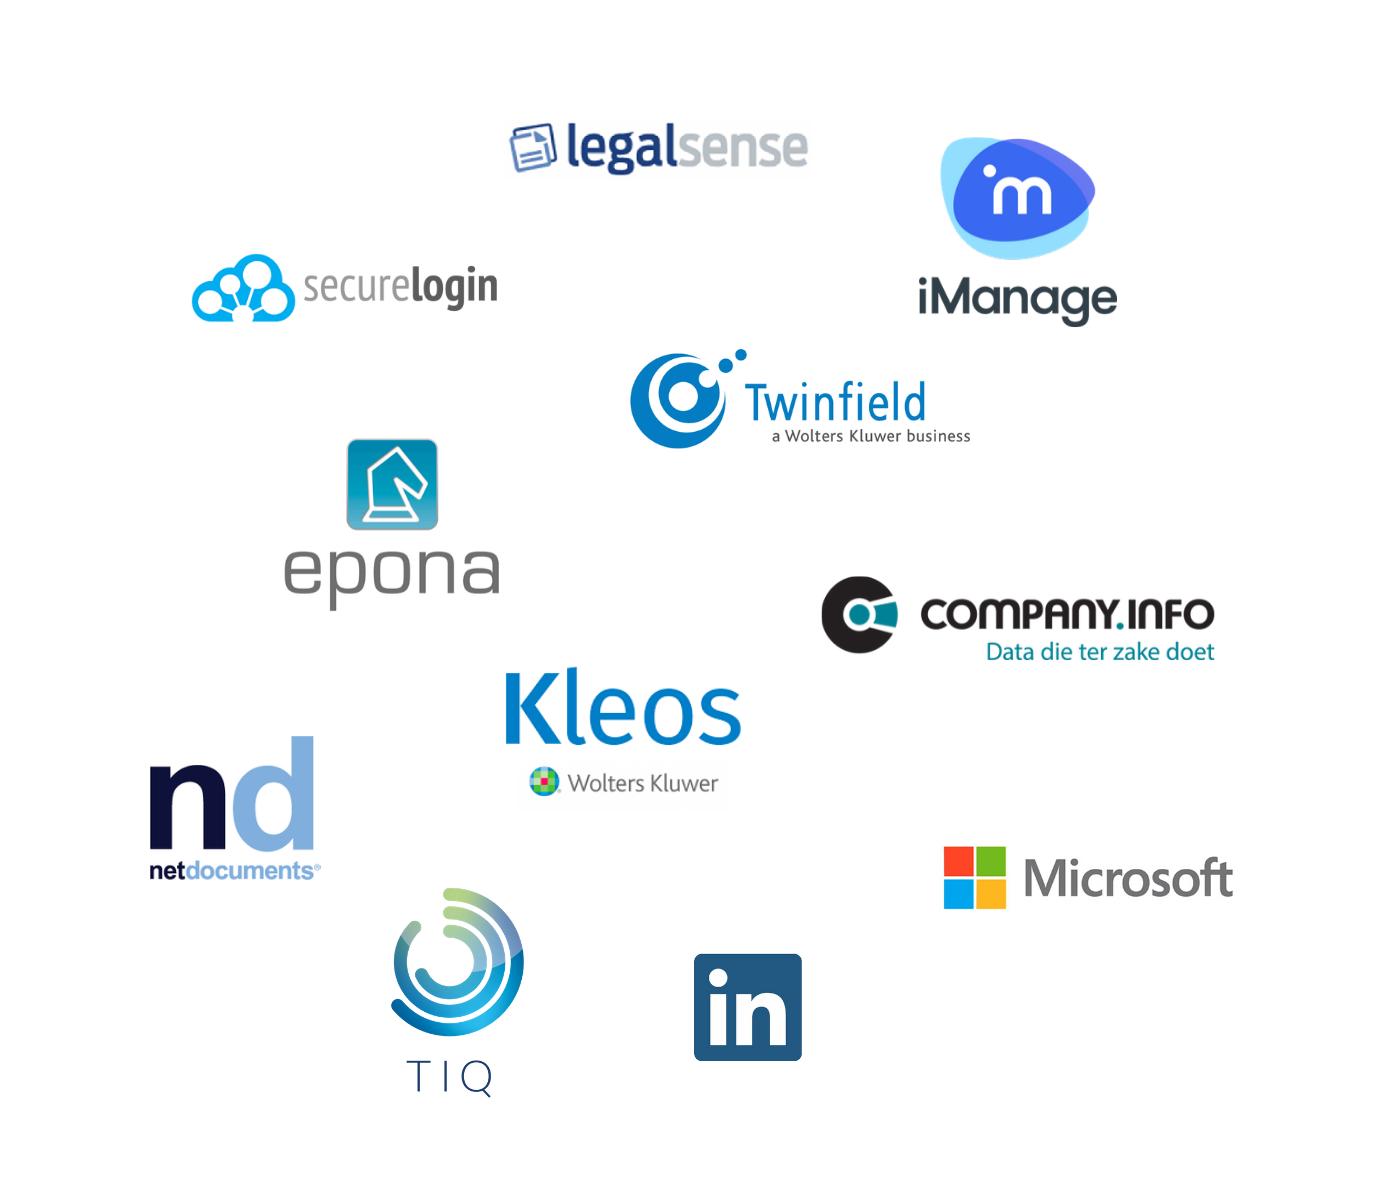 Integratie InView partner logo's